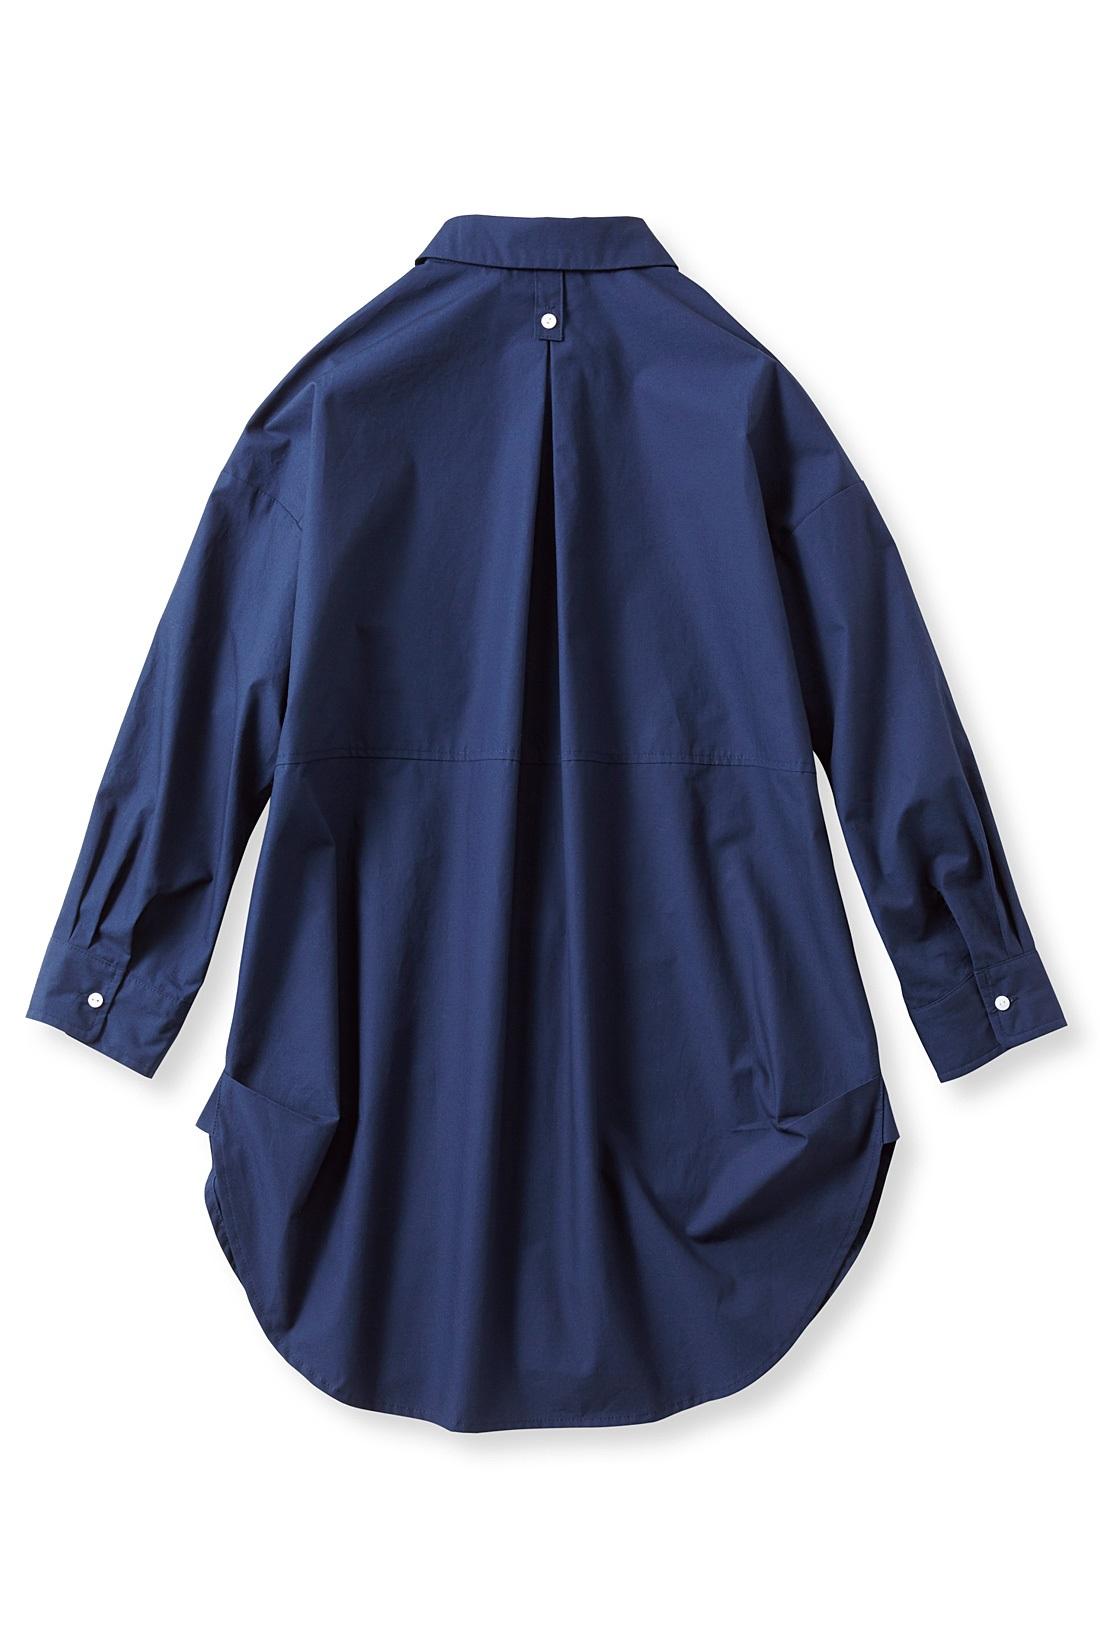 袖はターンアップできるボタン付き。 ※お届けするカラーとは異なります。